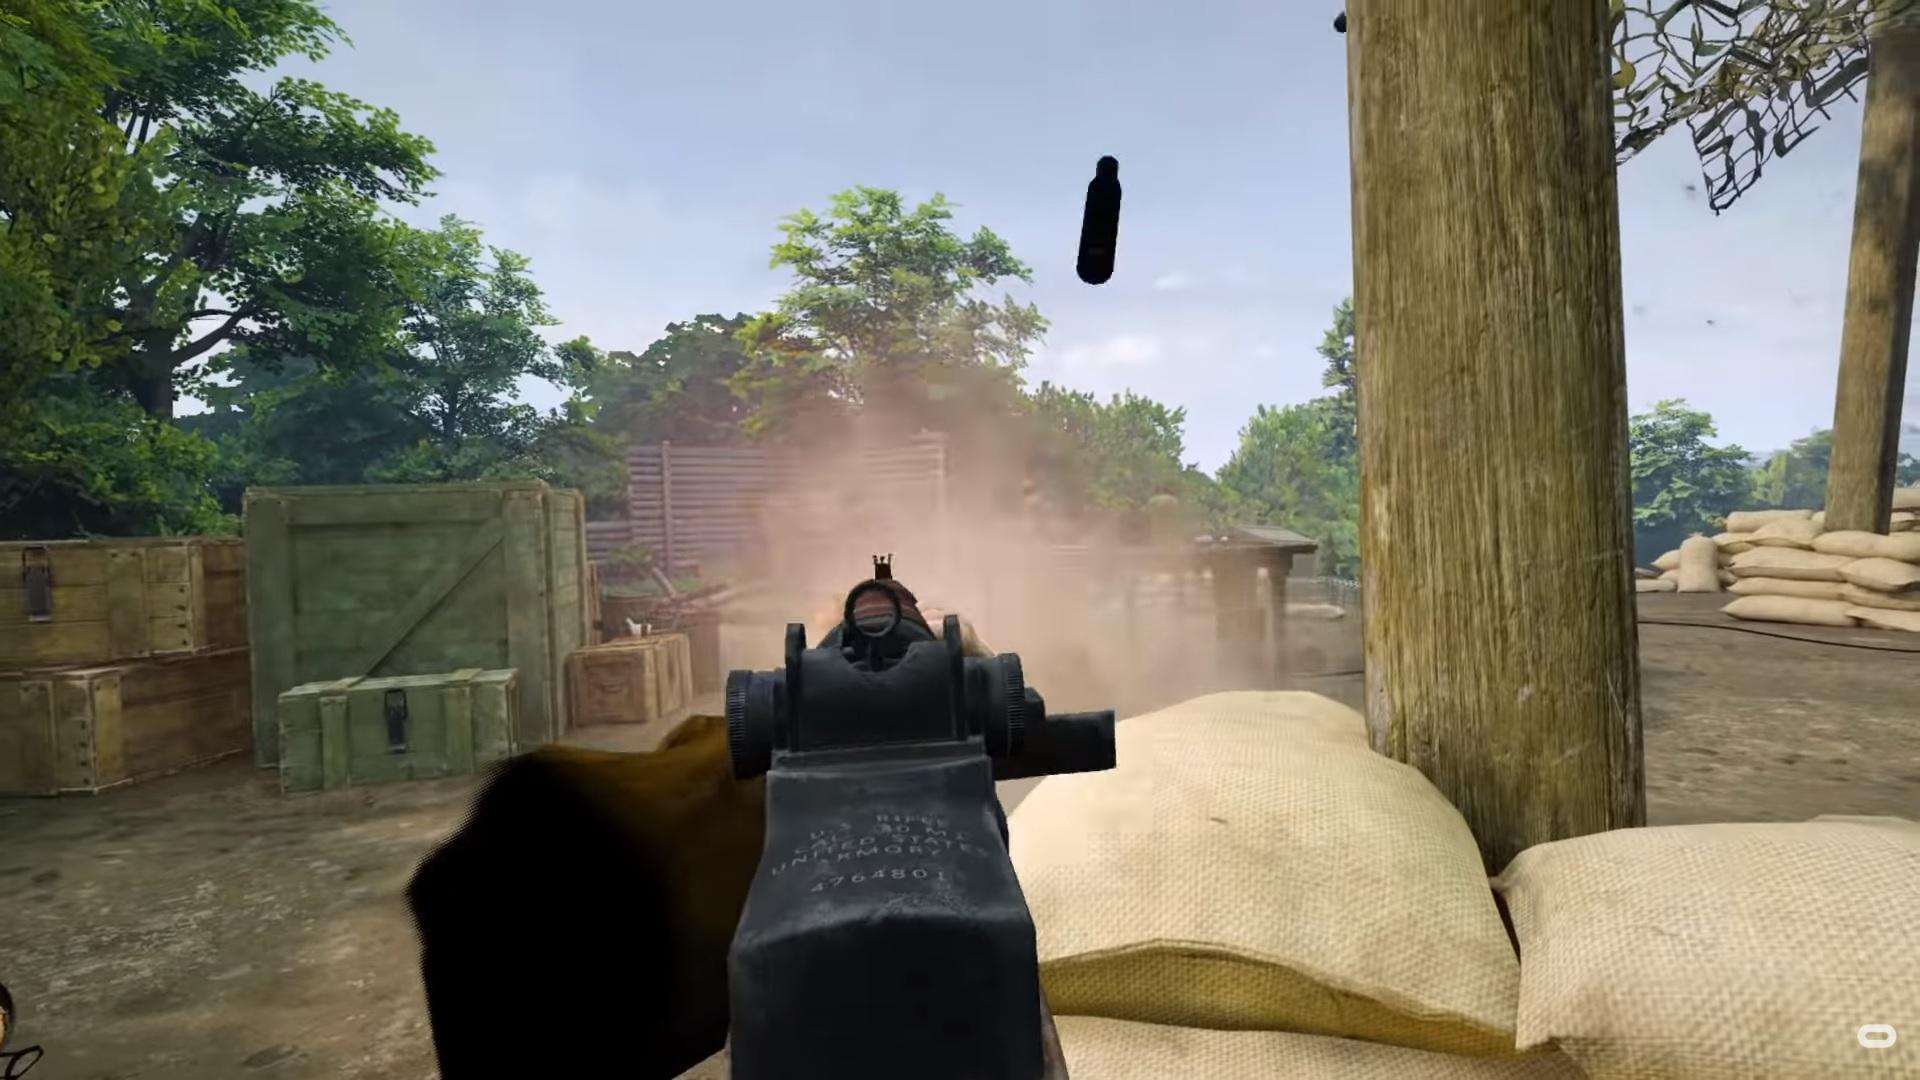 moh VR